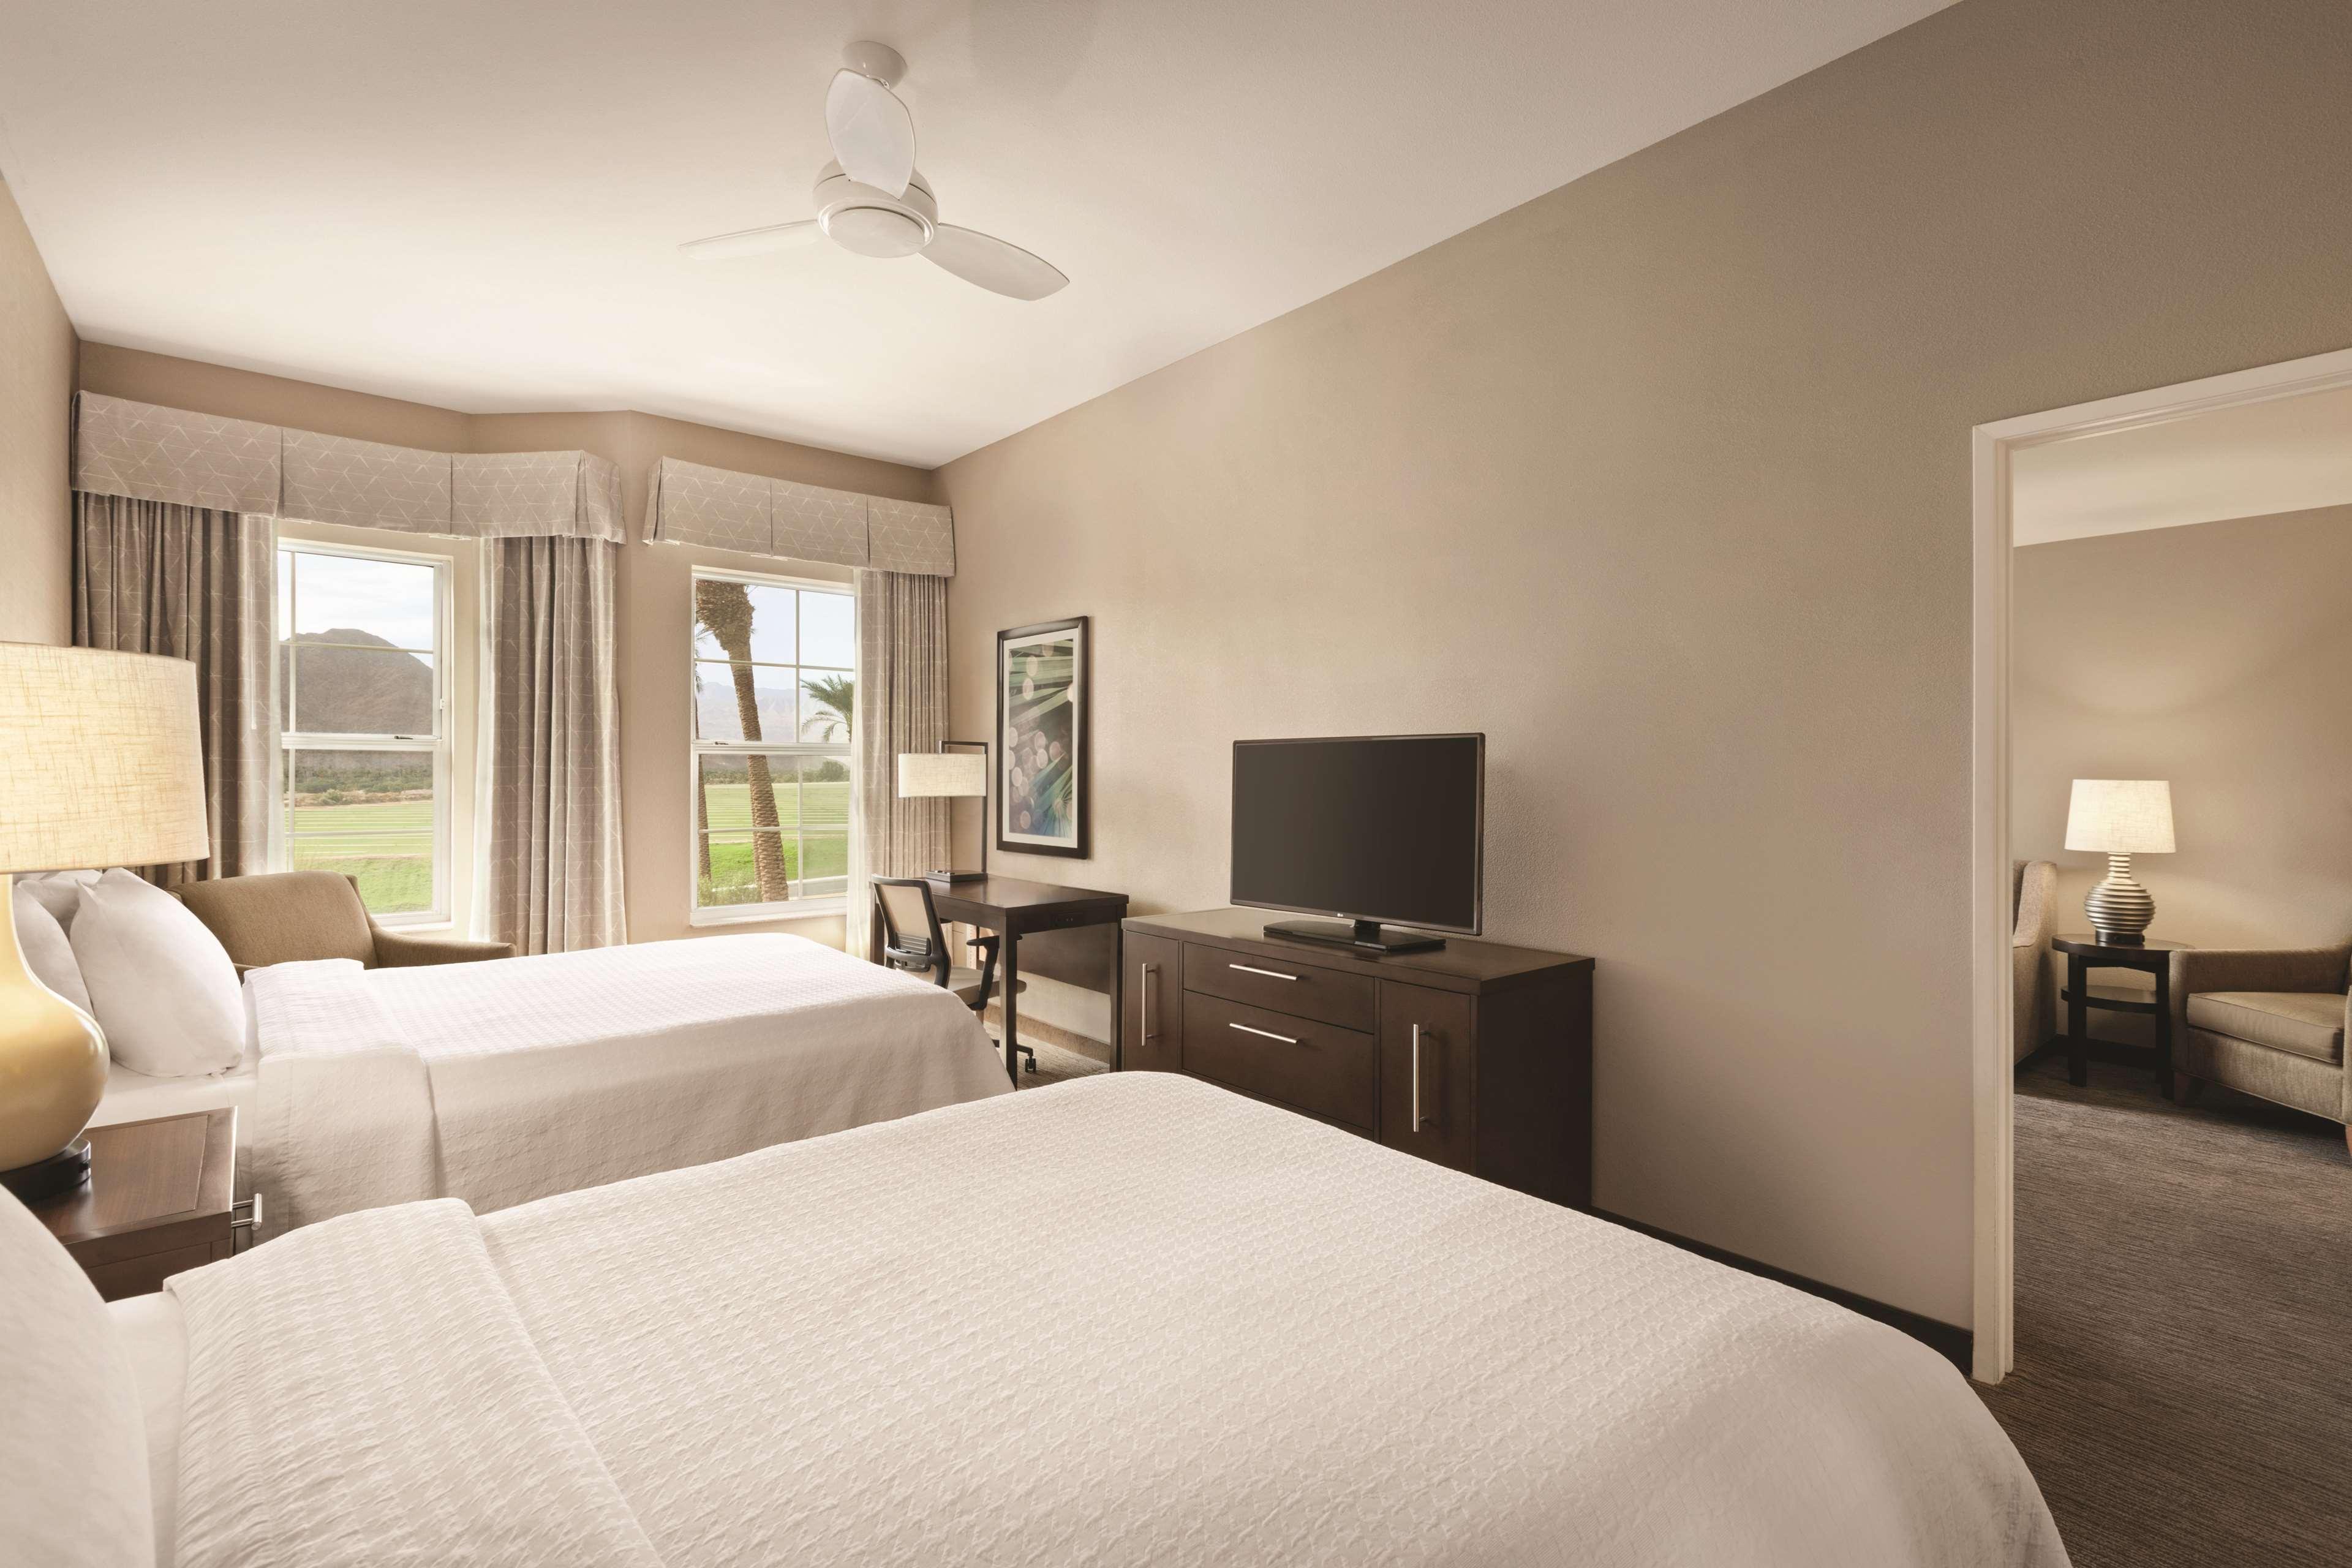 Homewood Suites by Hilton La Quinta image 33